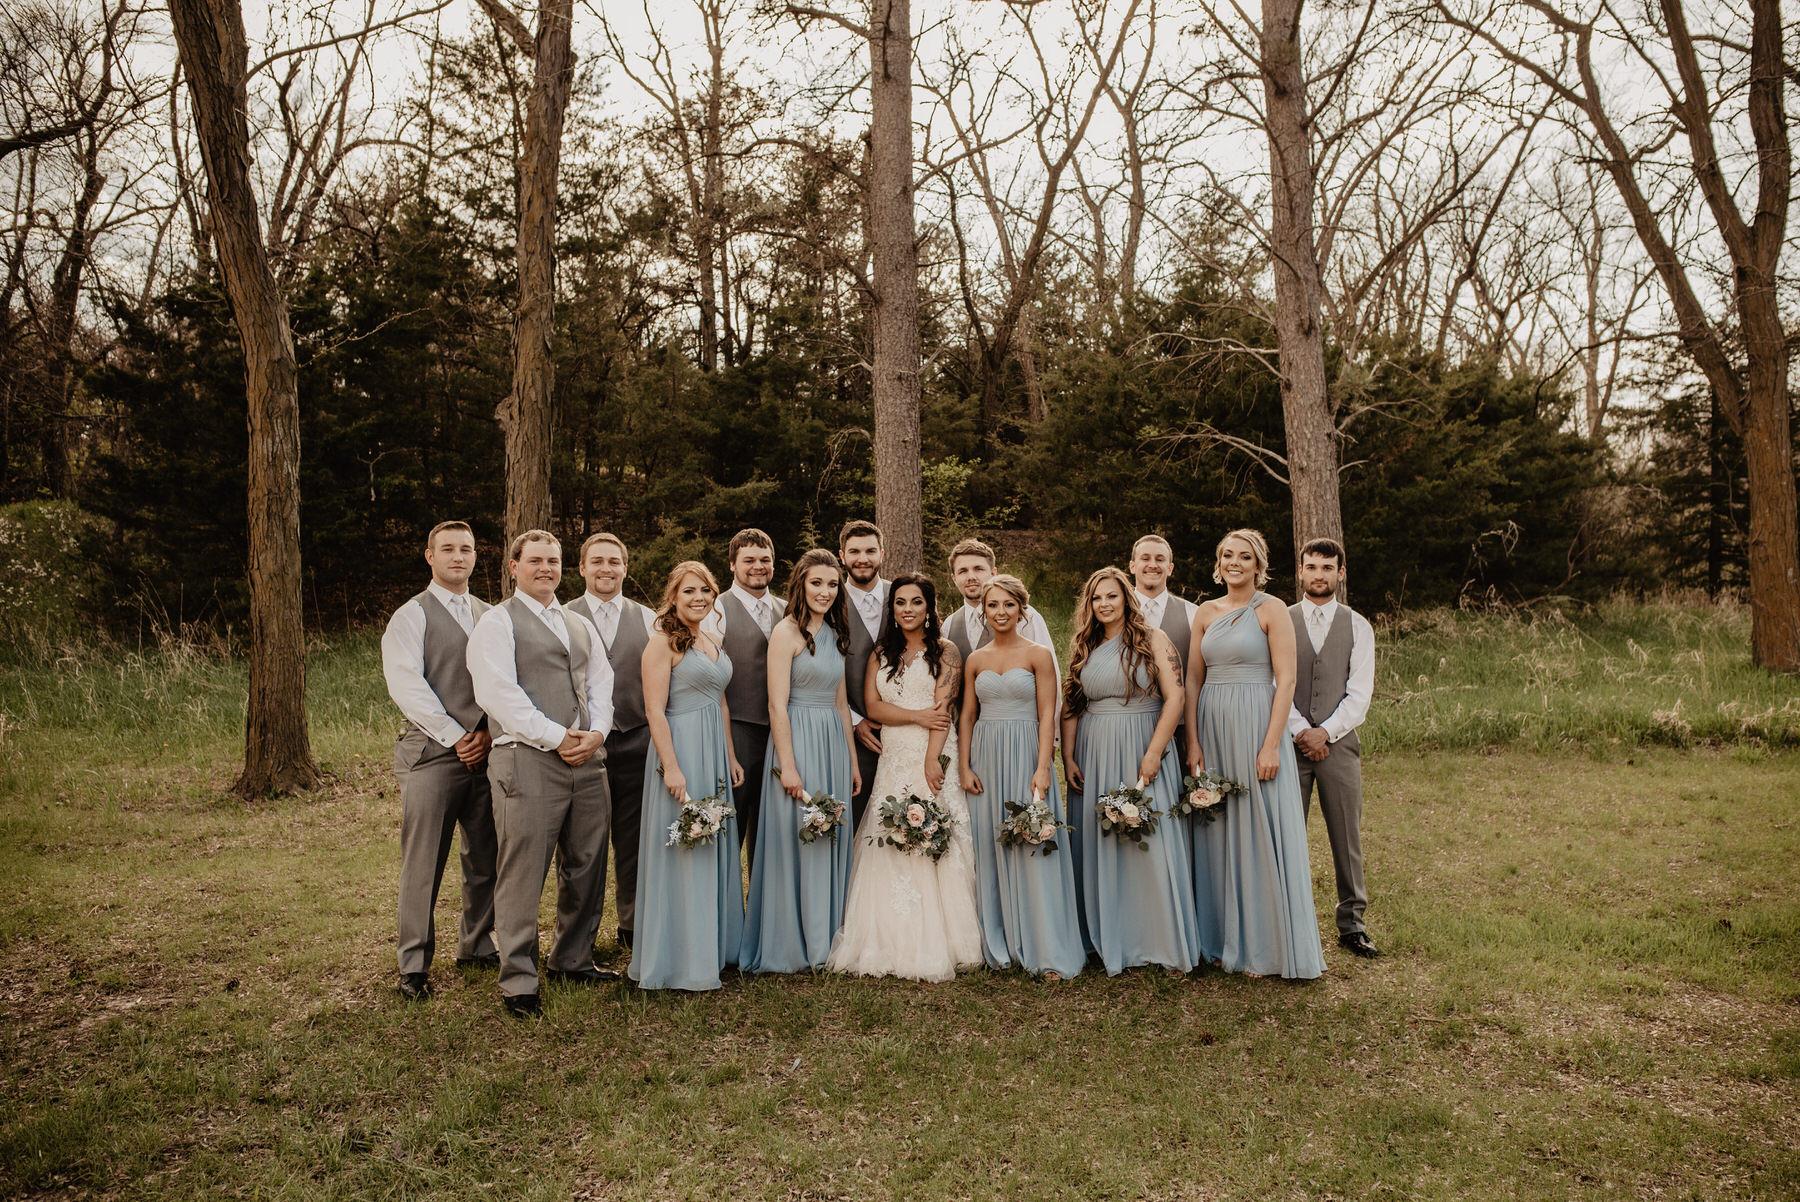 Kaylie-Sirek-Photography-Kearney-Nebraska-Wedding-069.jpg